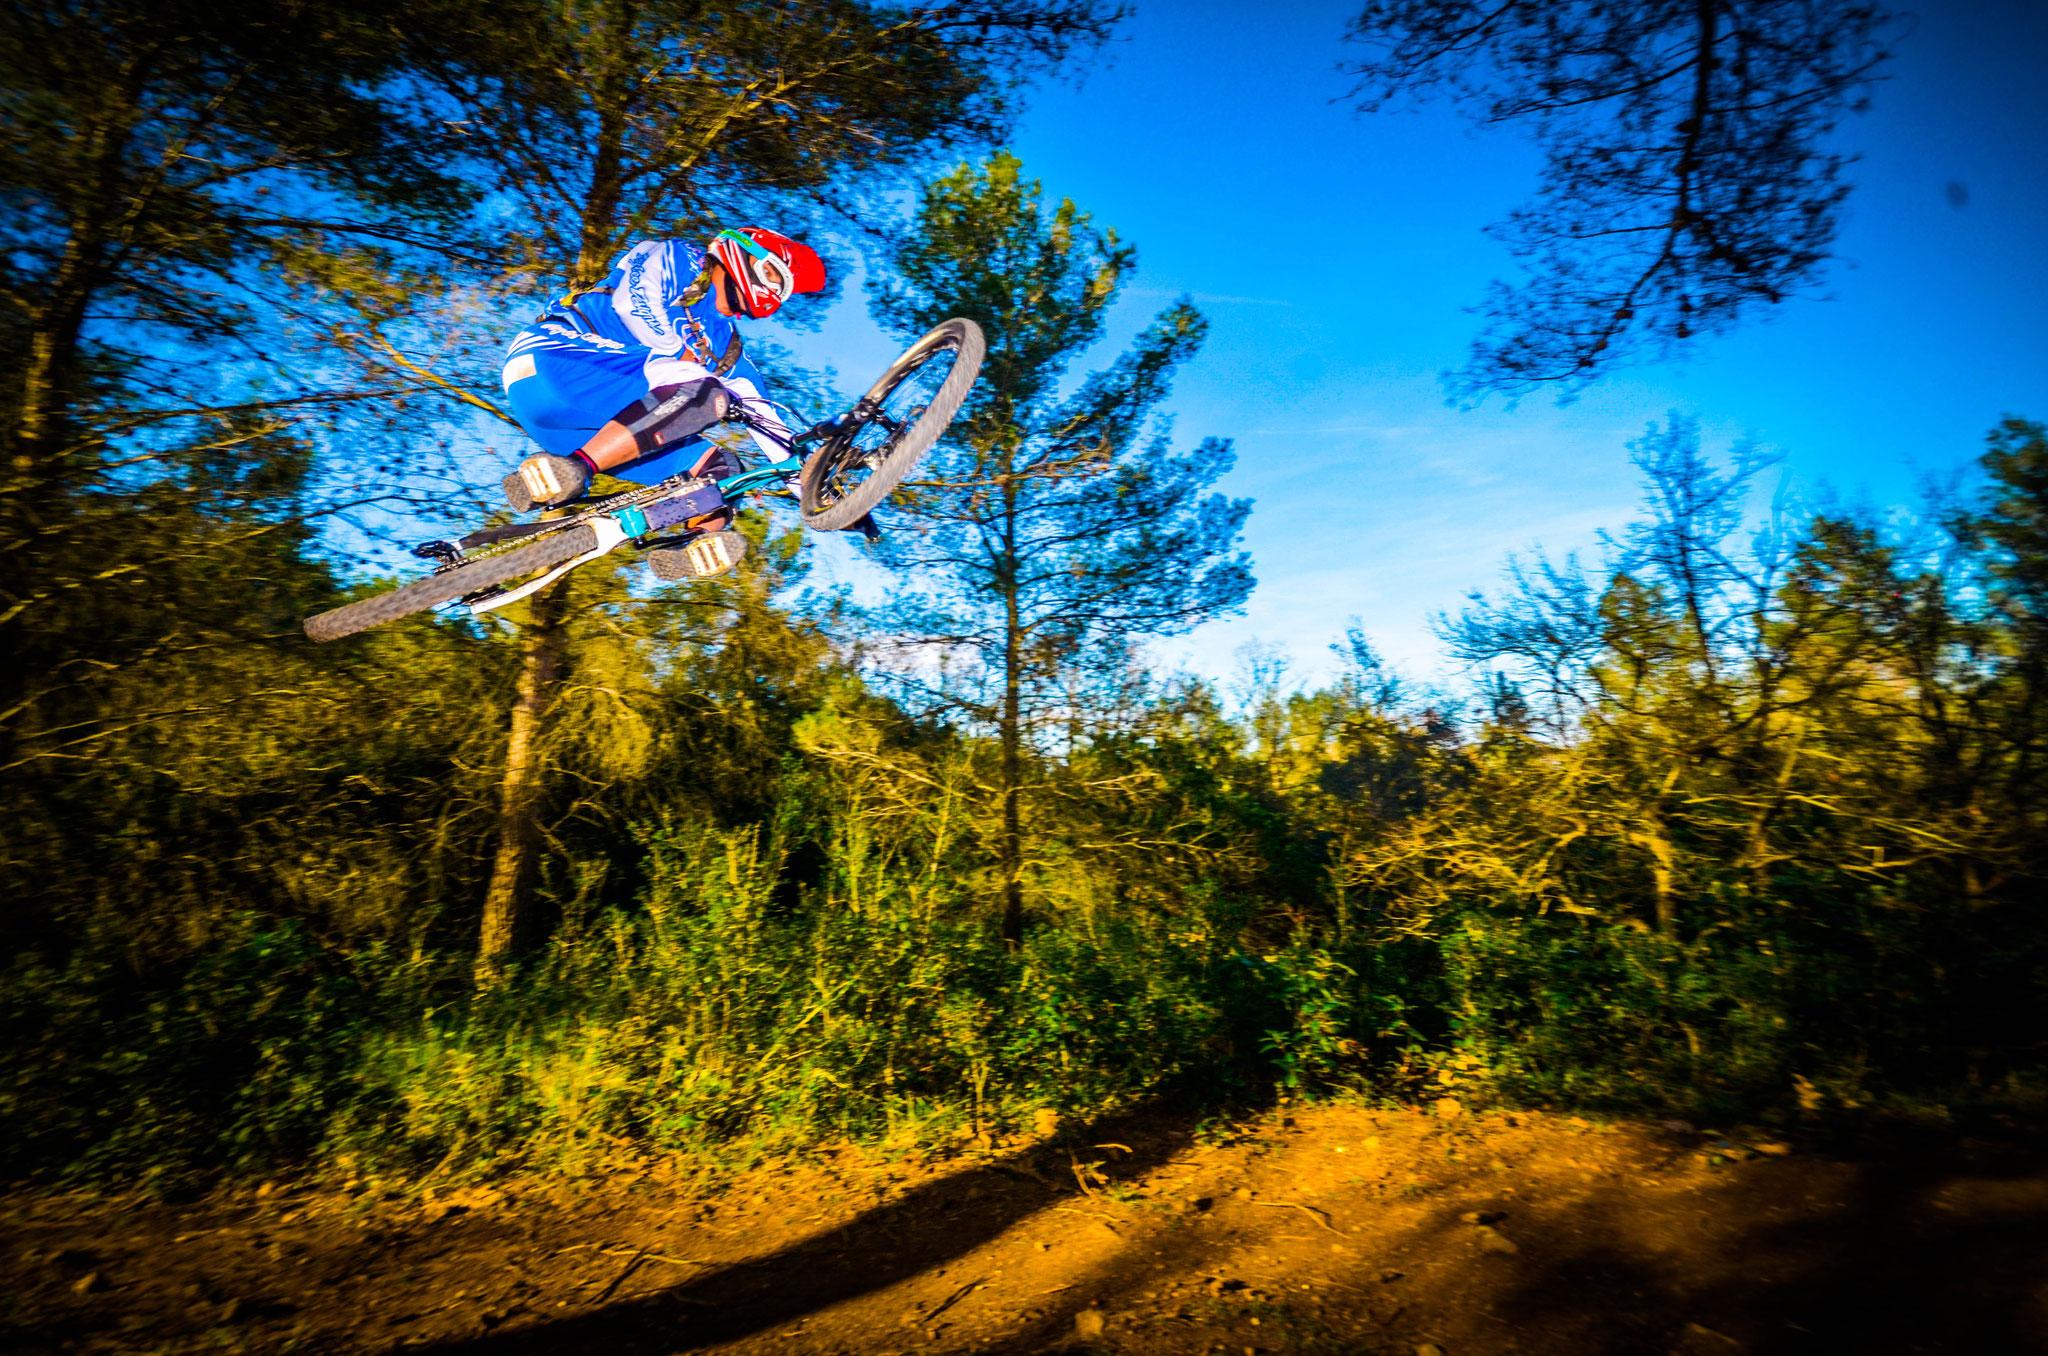 e bike jump